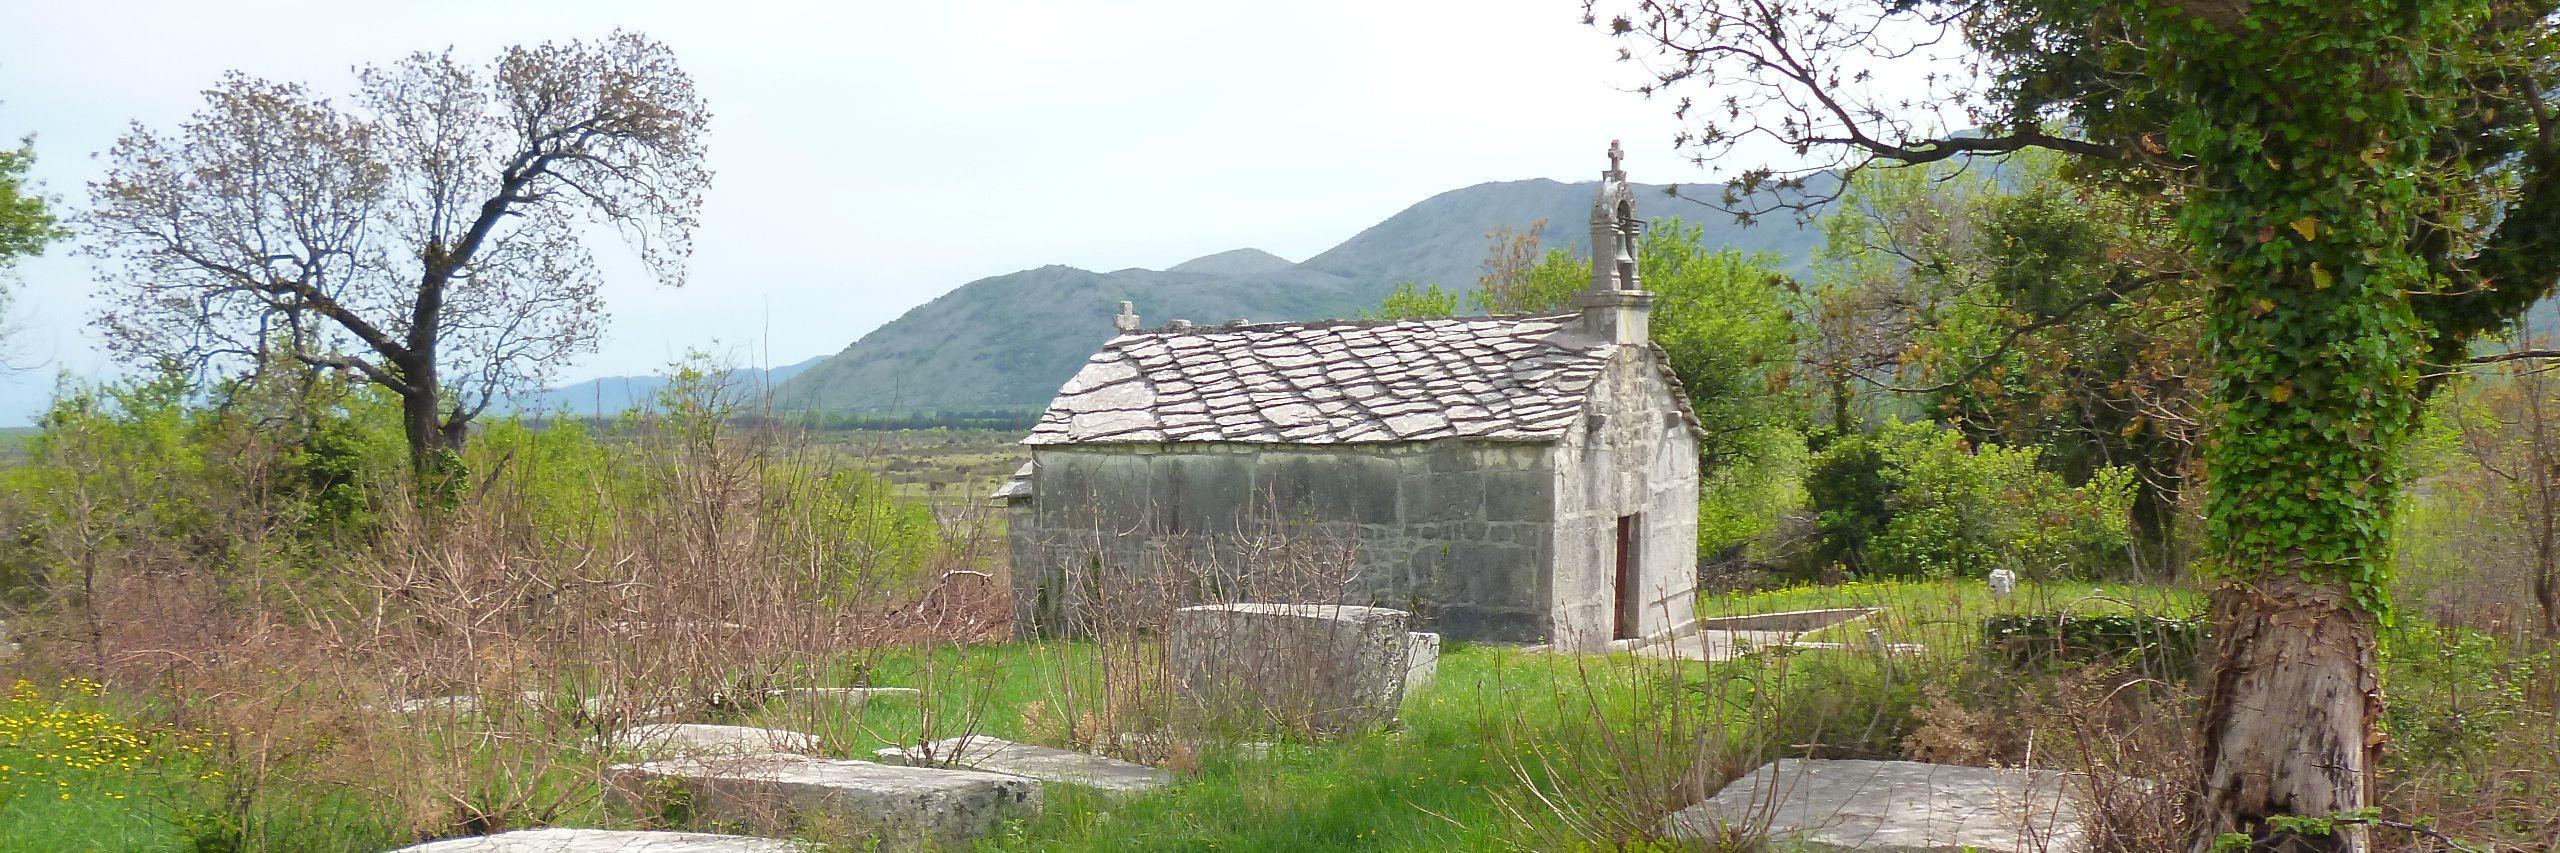 Церковь св. Георгия в Дублянах